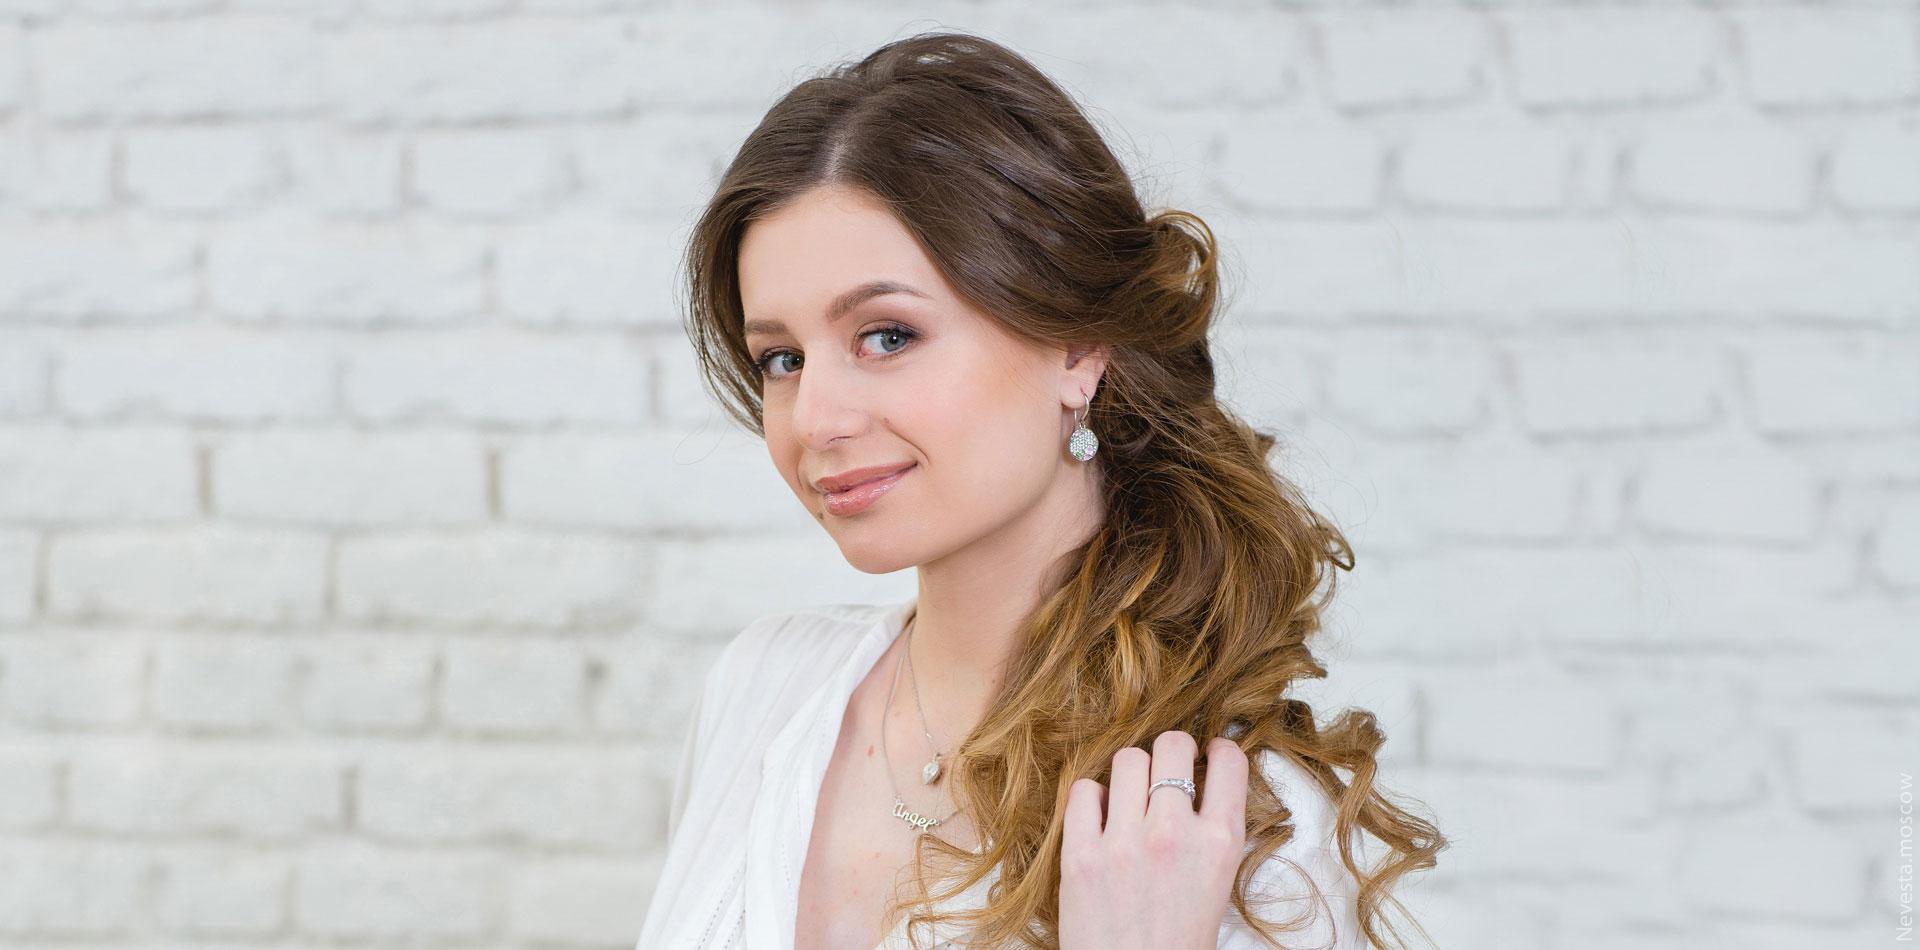 макияж для невесты свадебный образ фото 7